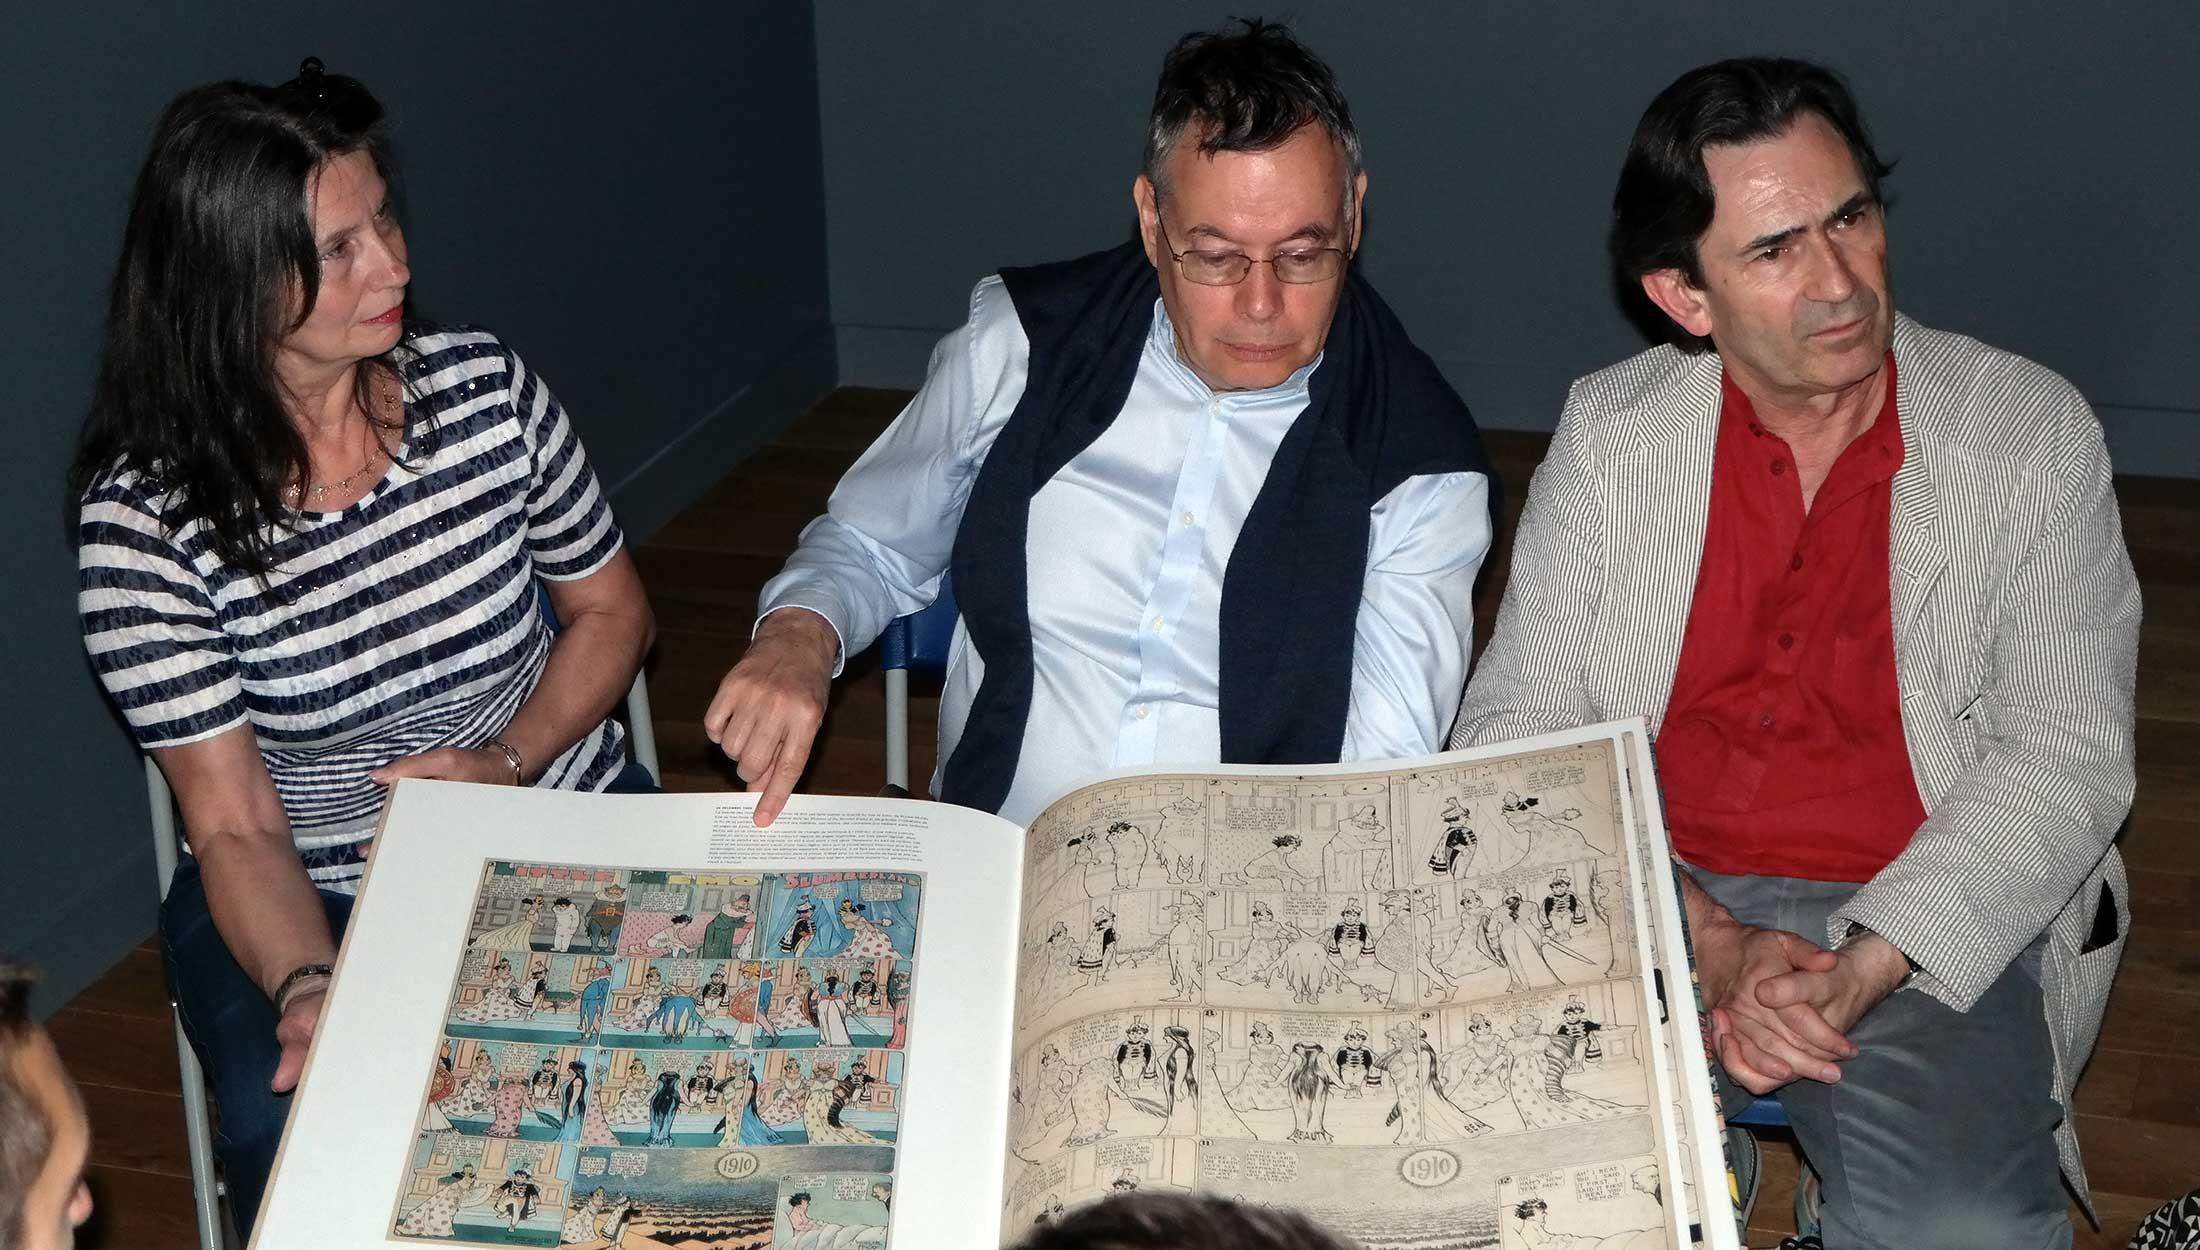 À l'occasion de cette biennale, Bernard Mahé a édité un gigantesque livre reprenant les meilleures pages tirées de l'exposition.